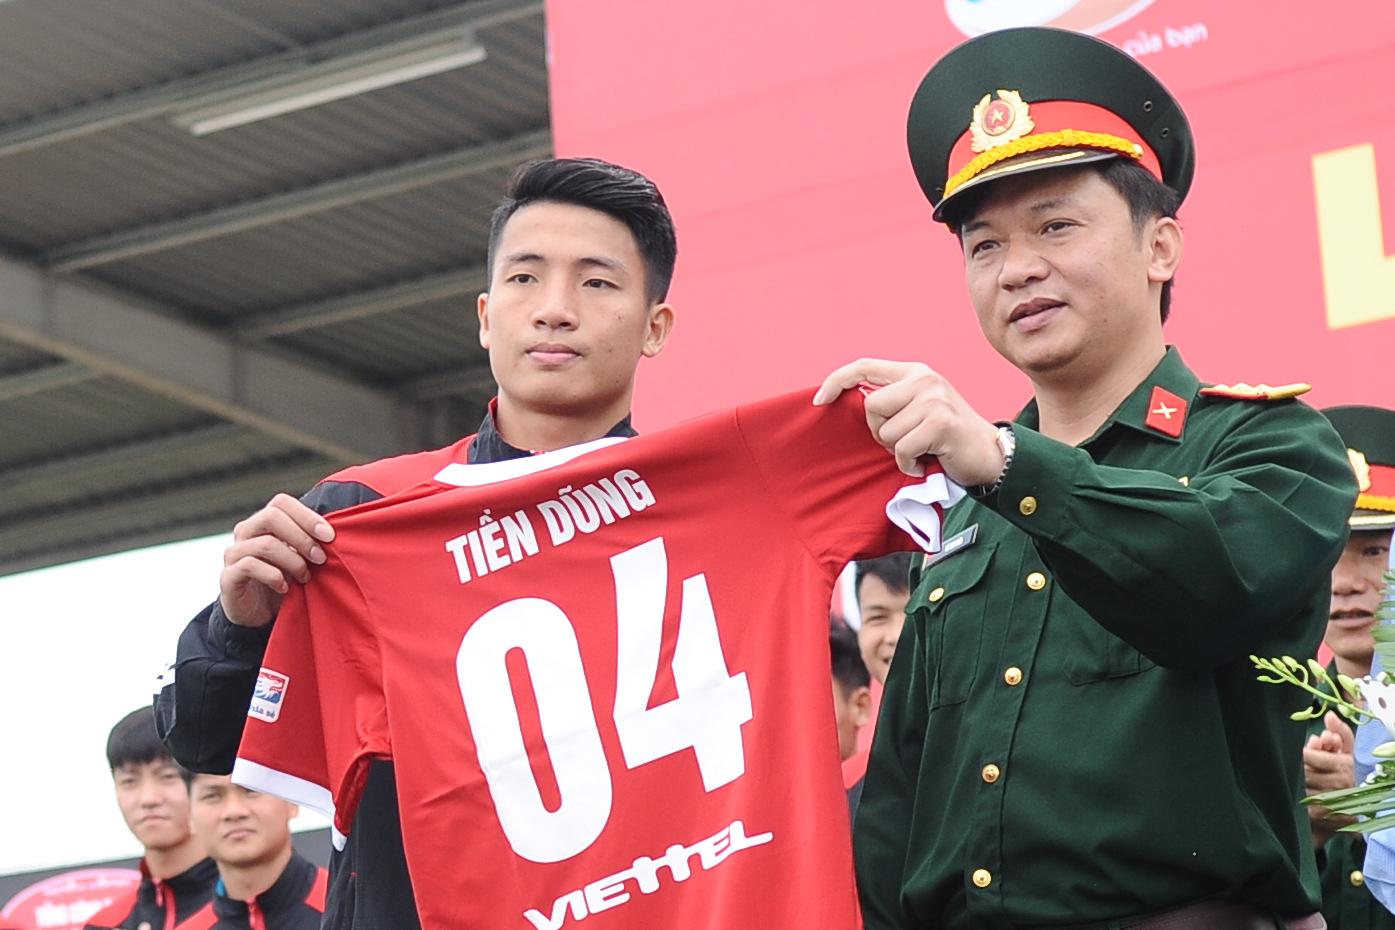 Tập đoàn Viettel tặng 1 tỷ đồng cho U23 Việt Nam